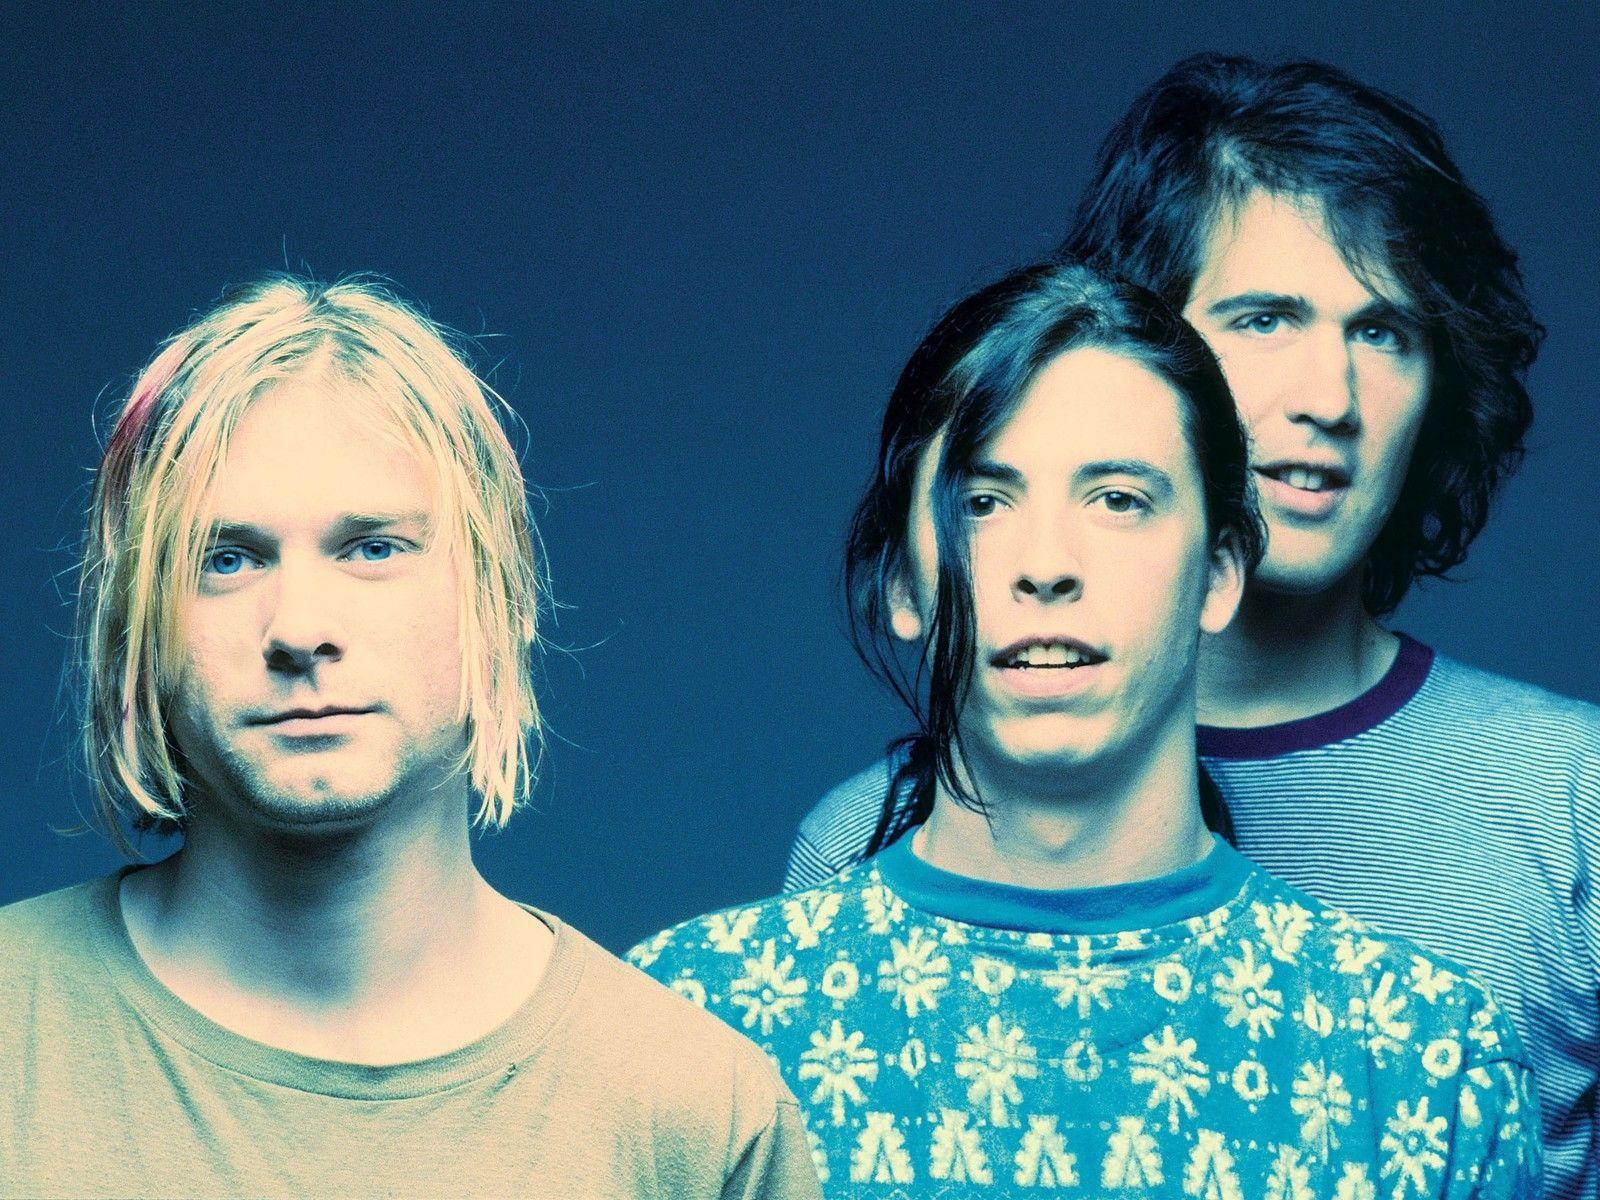 ¿Cuél es considerada la mejor canción de la banda?